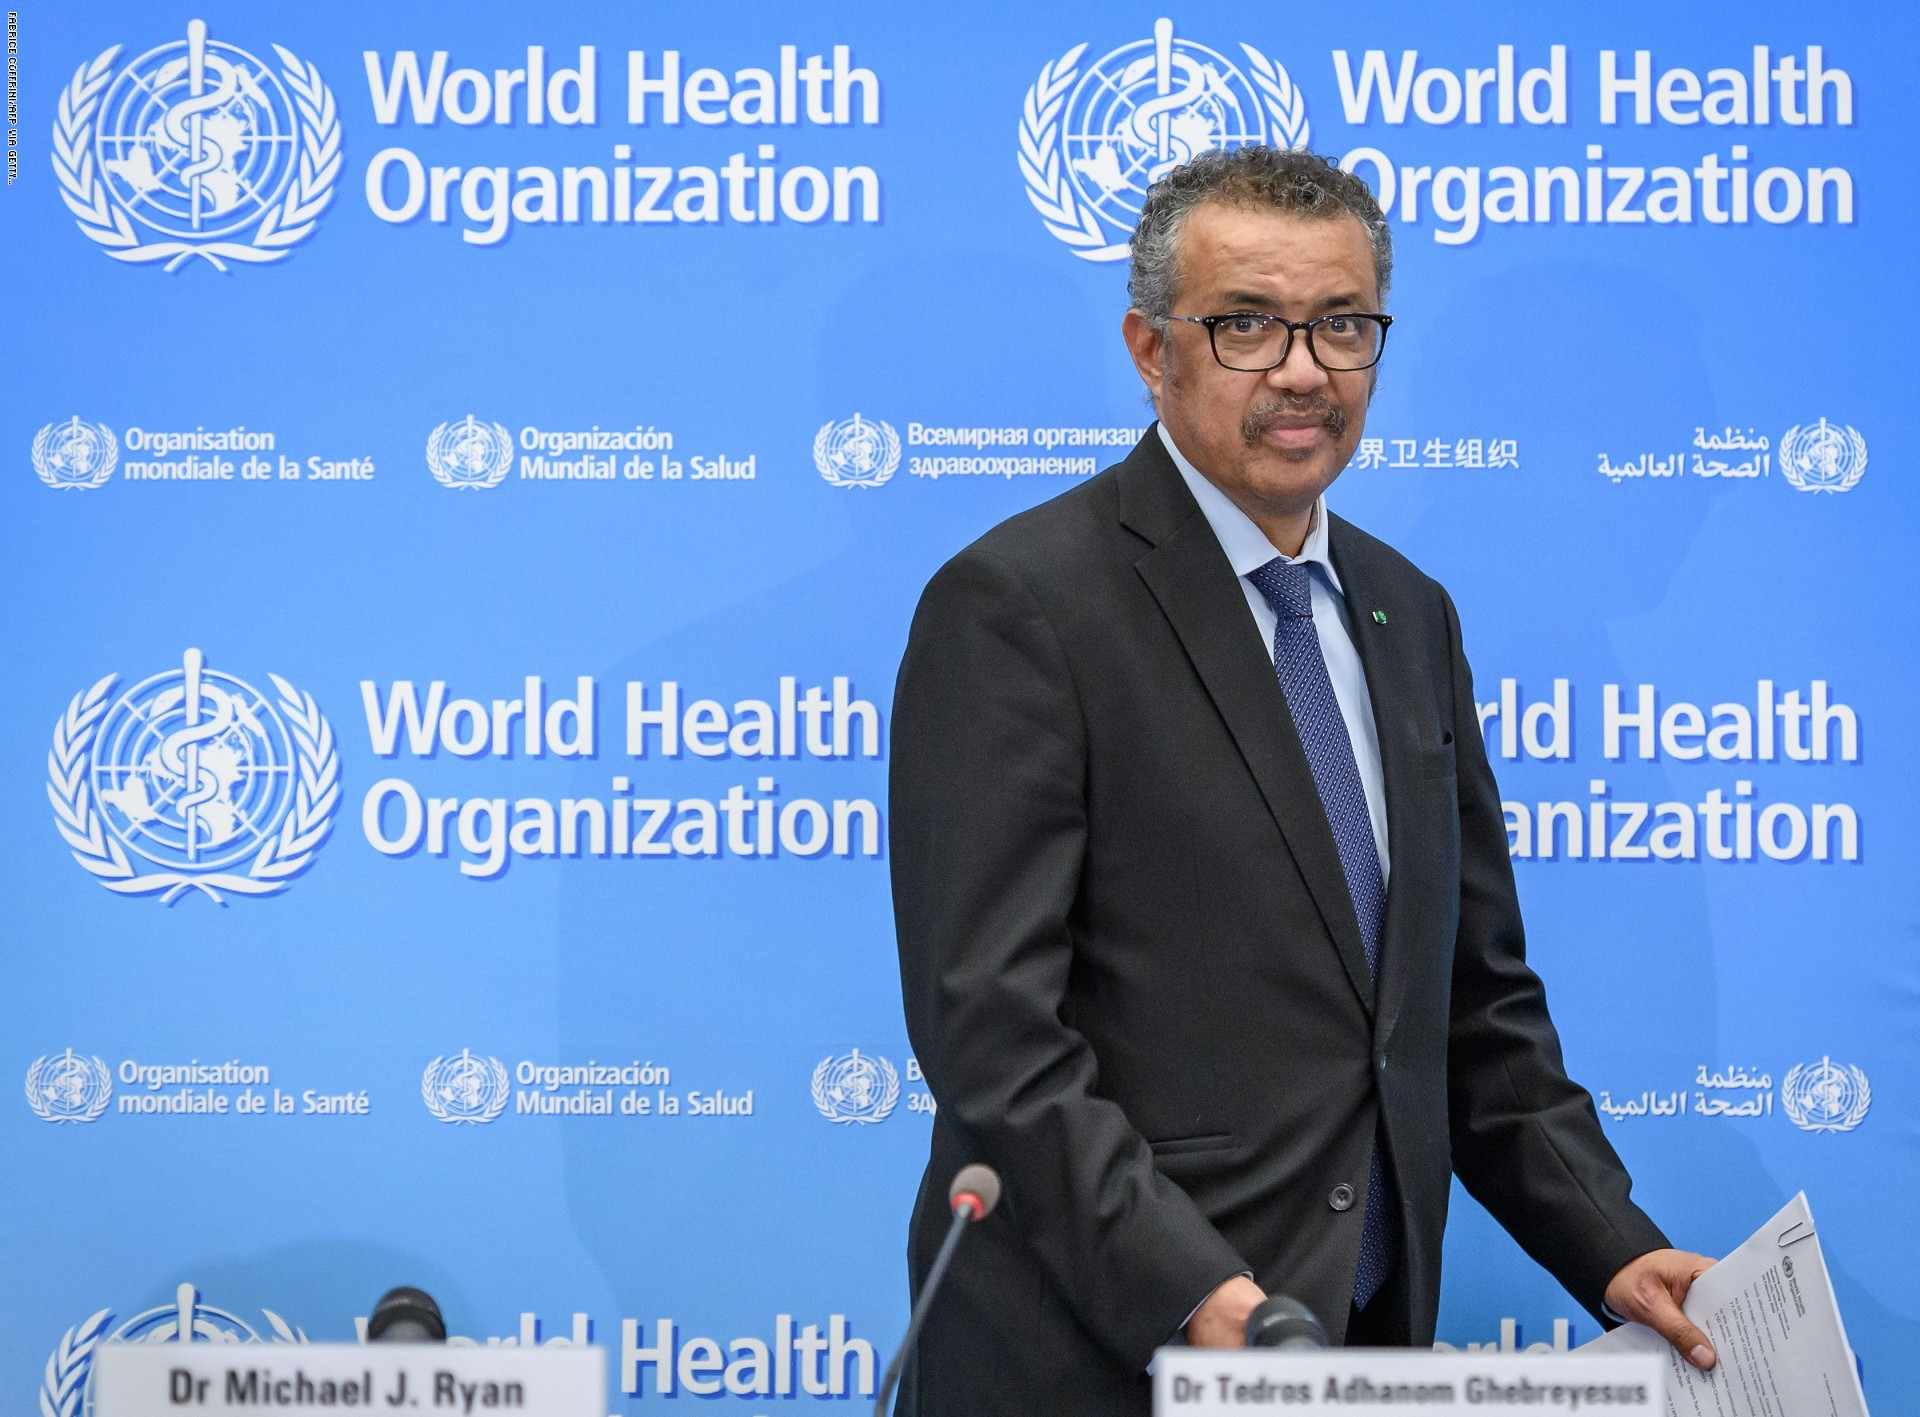 الصحة العالمية تحذر من تخفيف الحظر بعد تسجيل مليون إصابة في 8 أيام وتدعو للإستعداد والتضامن